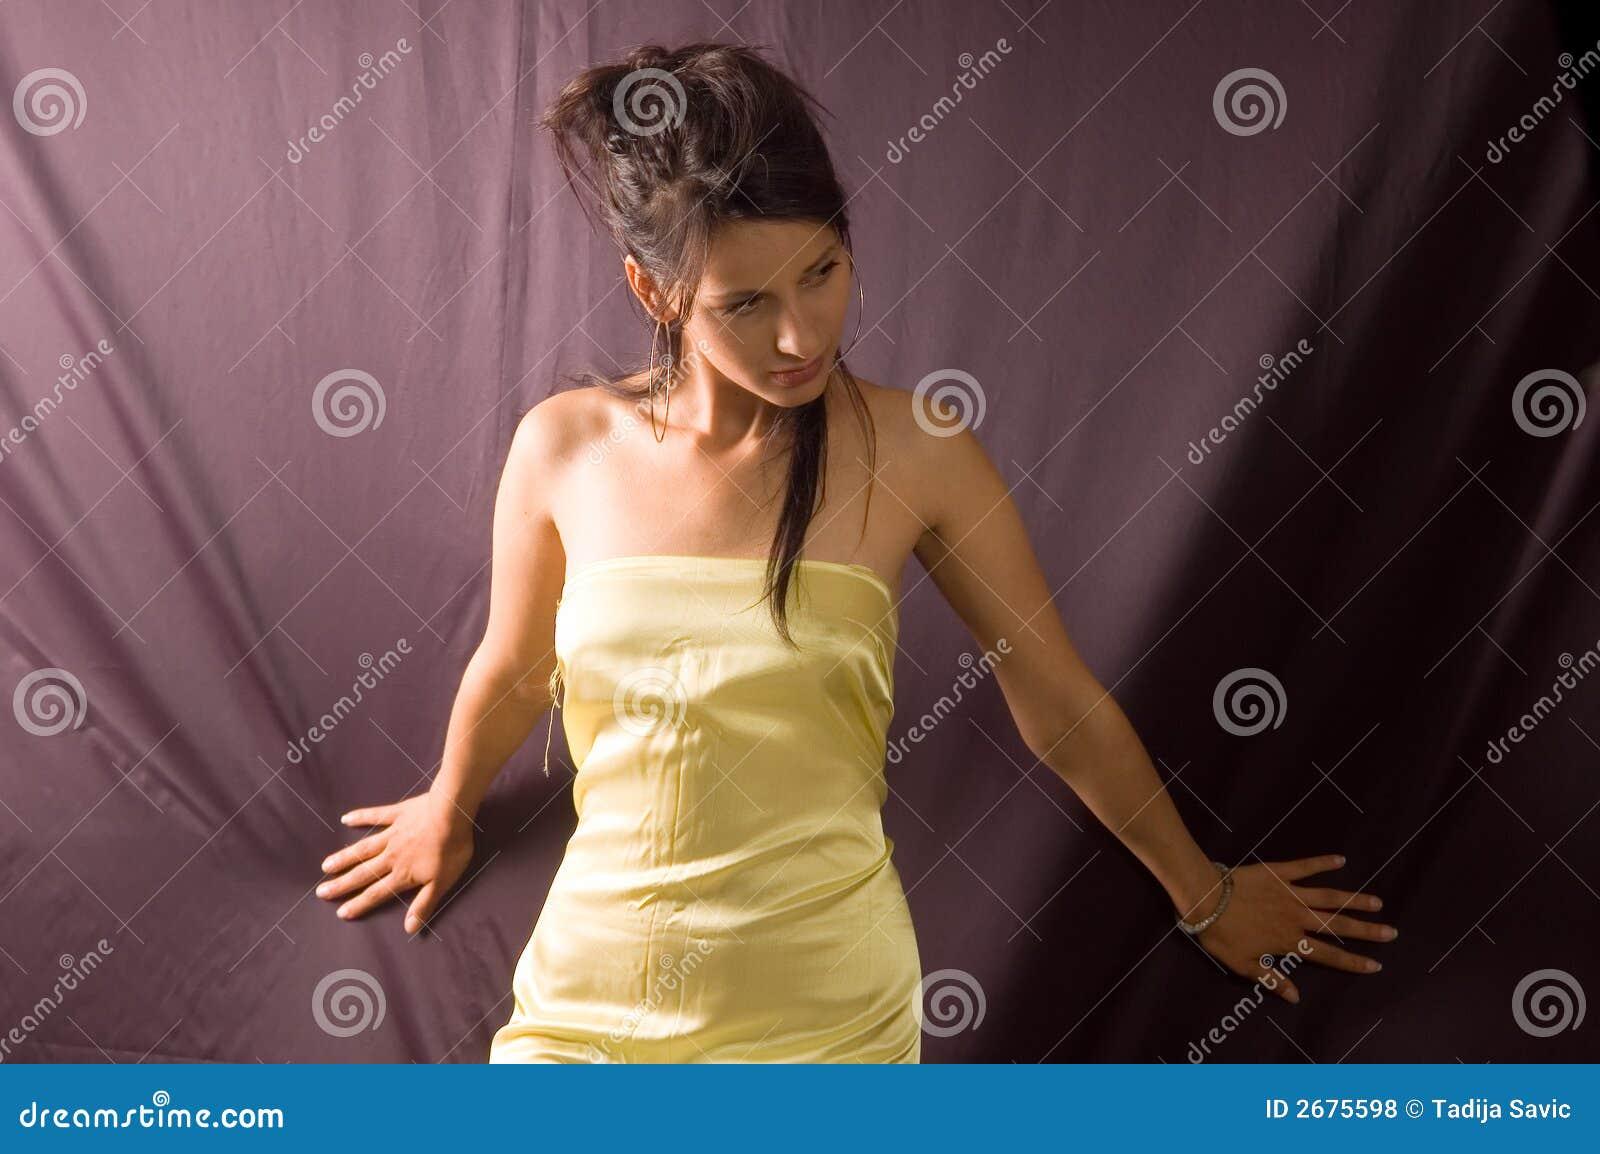 Busty women webcam